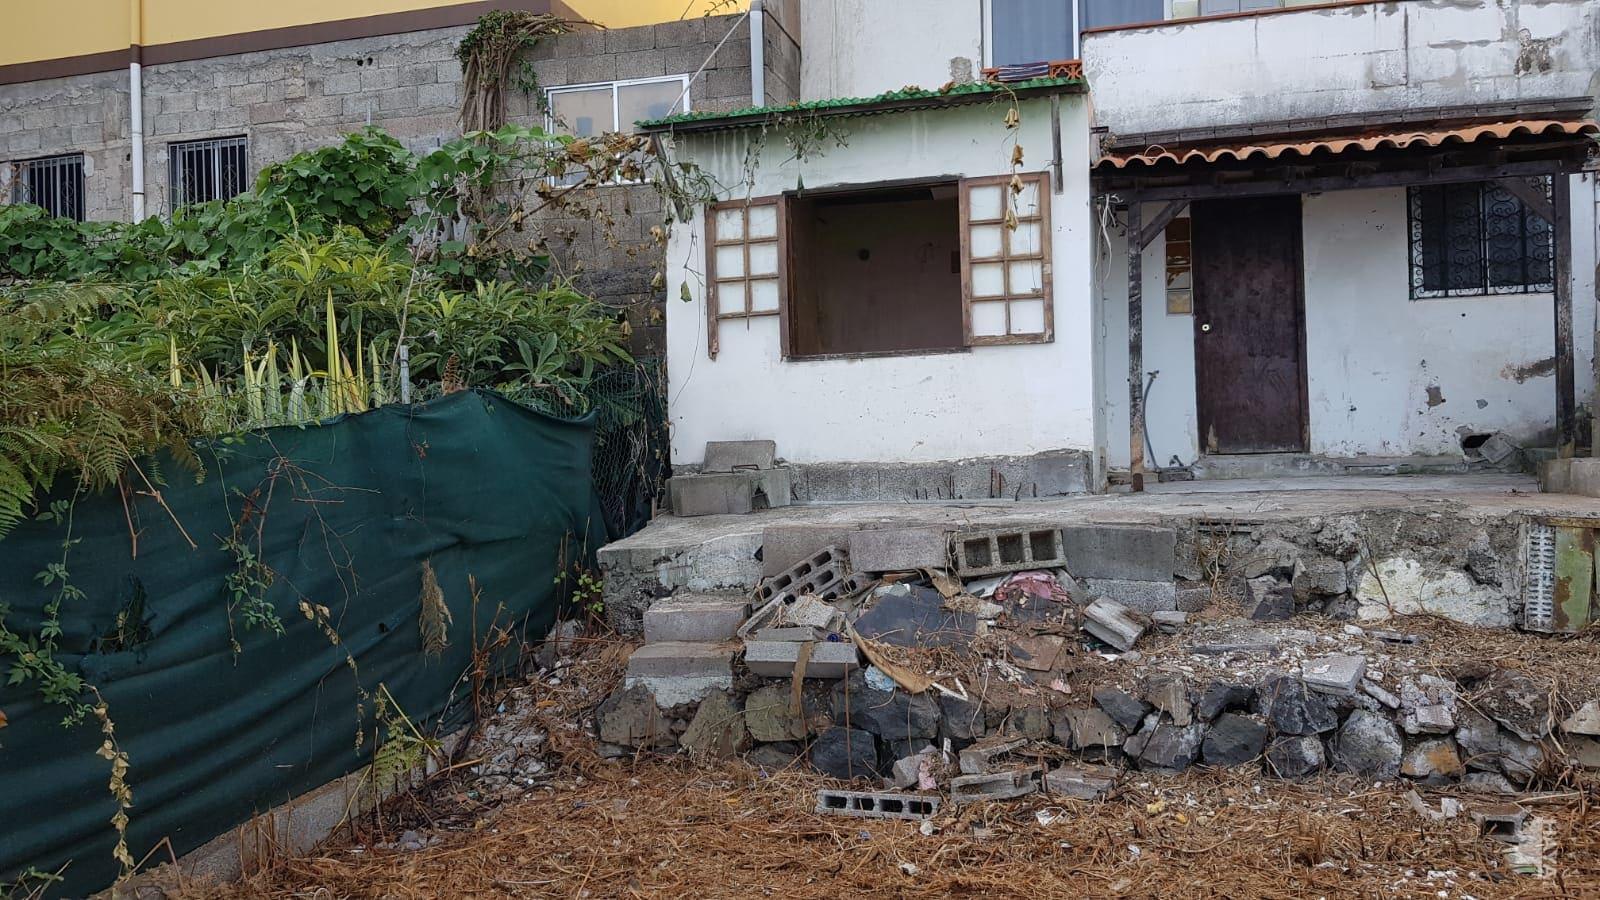 Piso en venta en La Corujera, Santa Úrsula, Santa Cruz de Tenerife, Calle Guanches, 42.210 €, 1 habitación, 1 baño, 61 m2